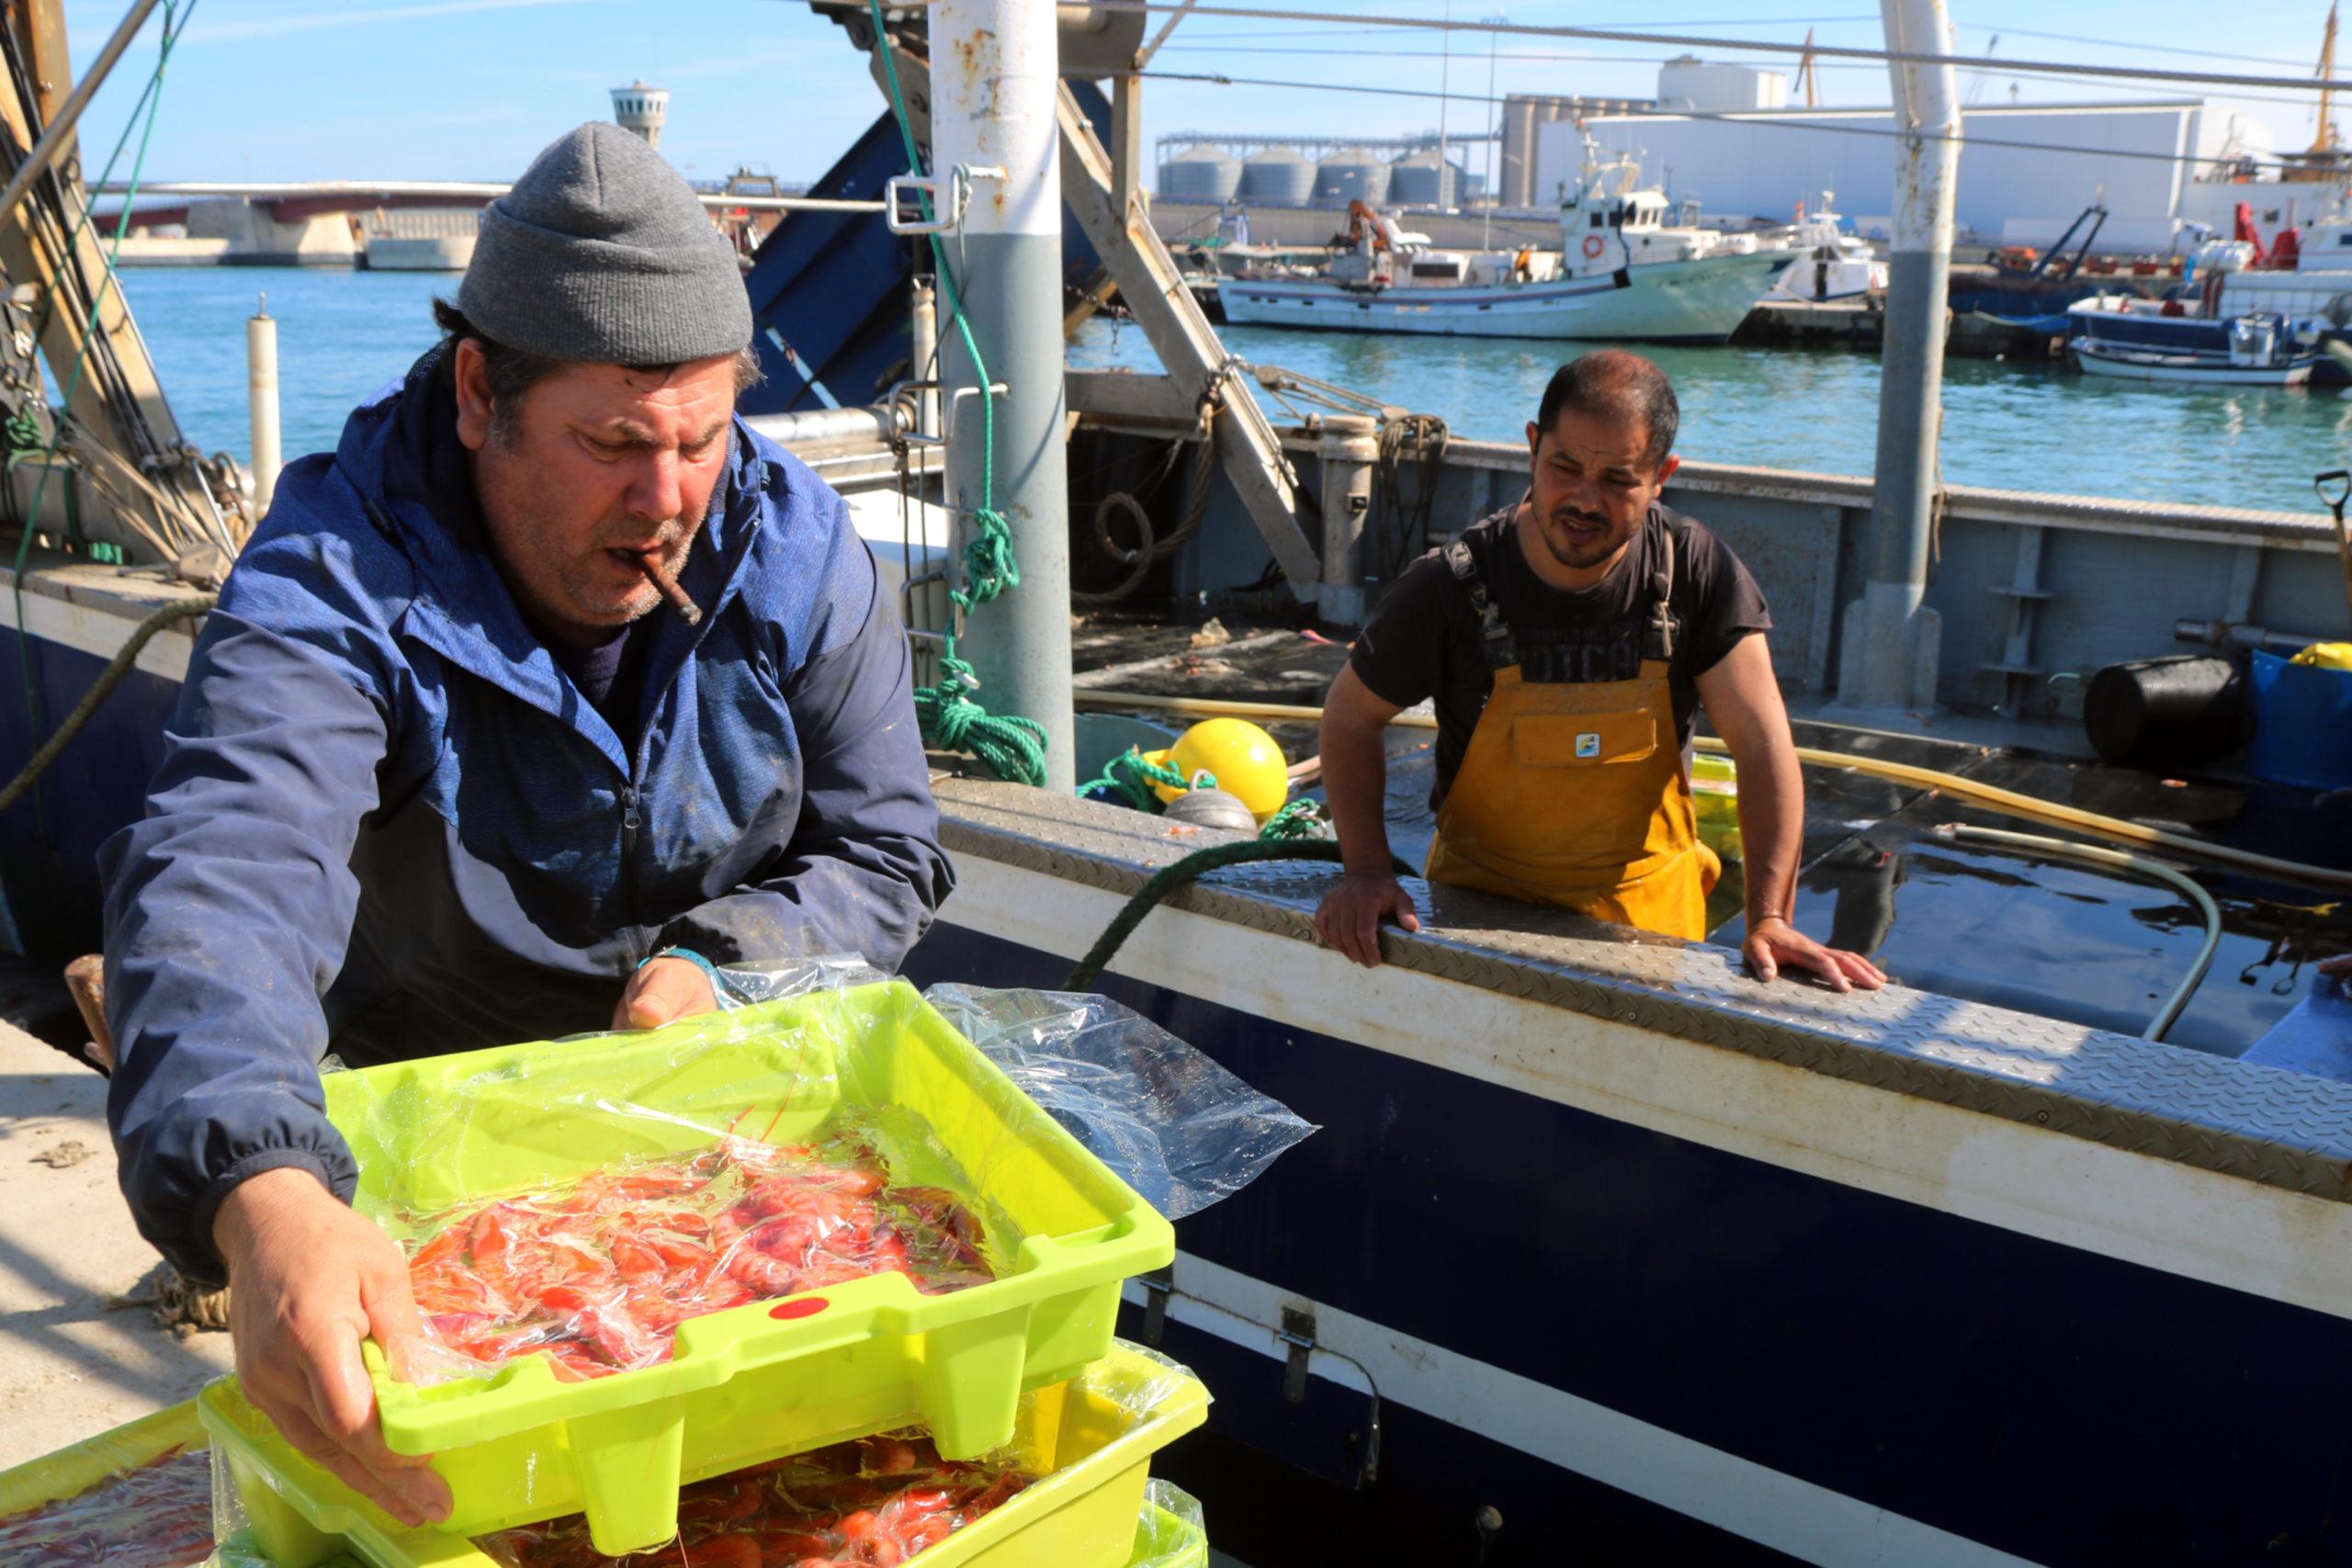 Un patró de l'arrossegament de Tarragona apilant caixes de gamba, amb un mariner damunt la barca al darrere | ACN